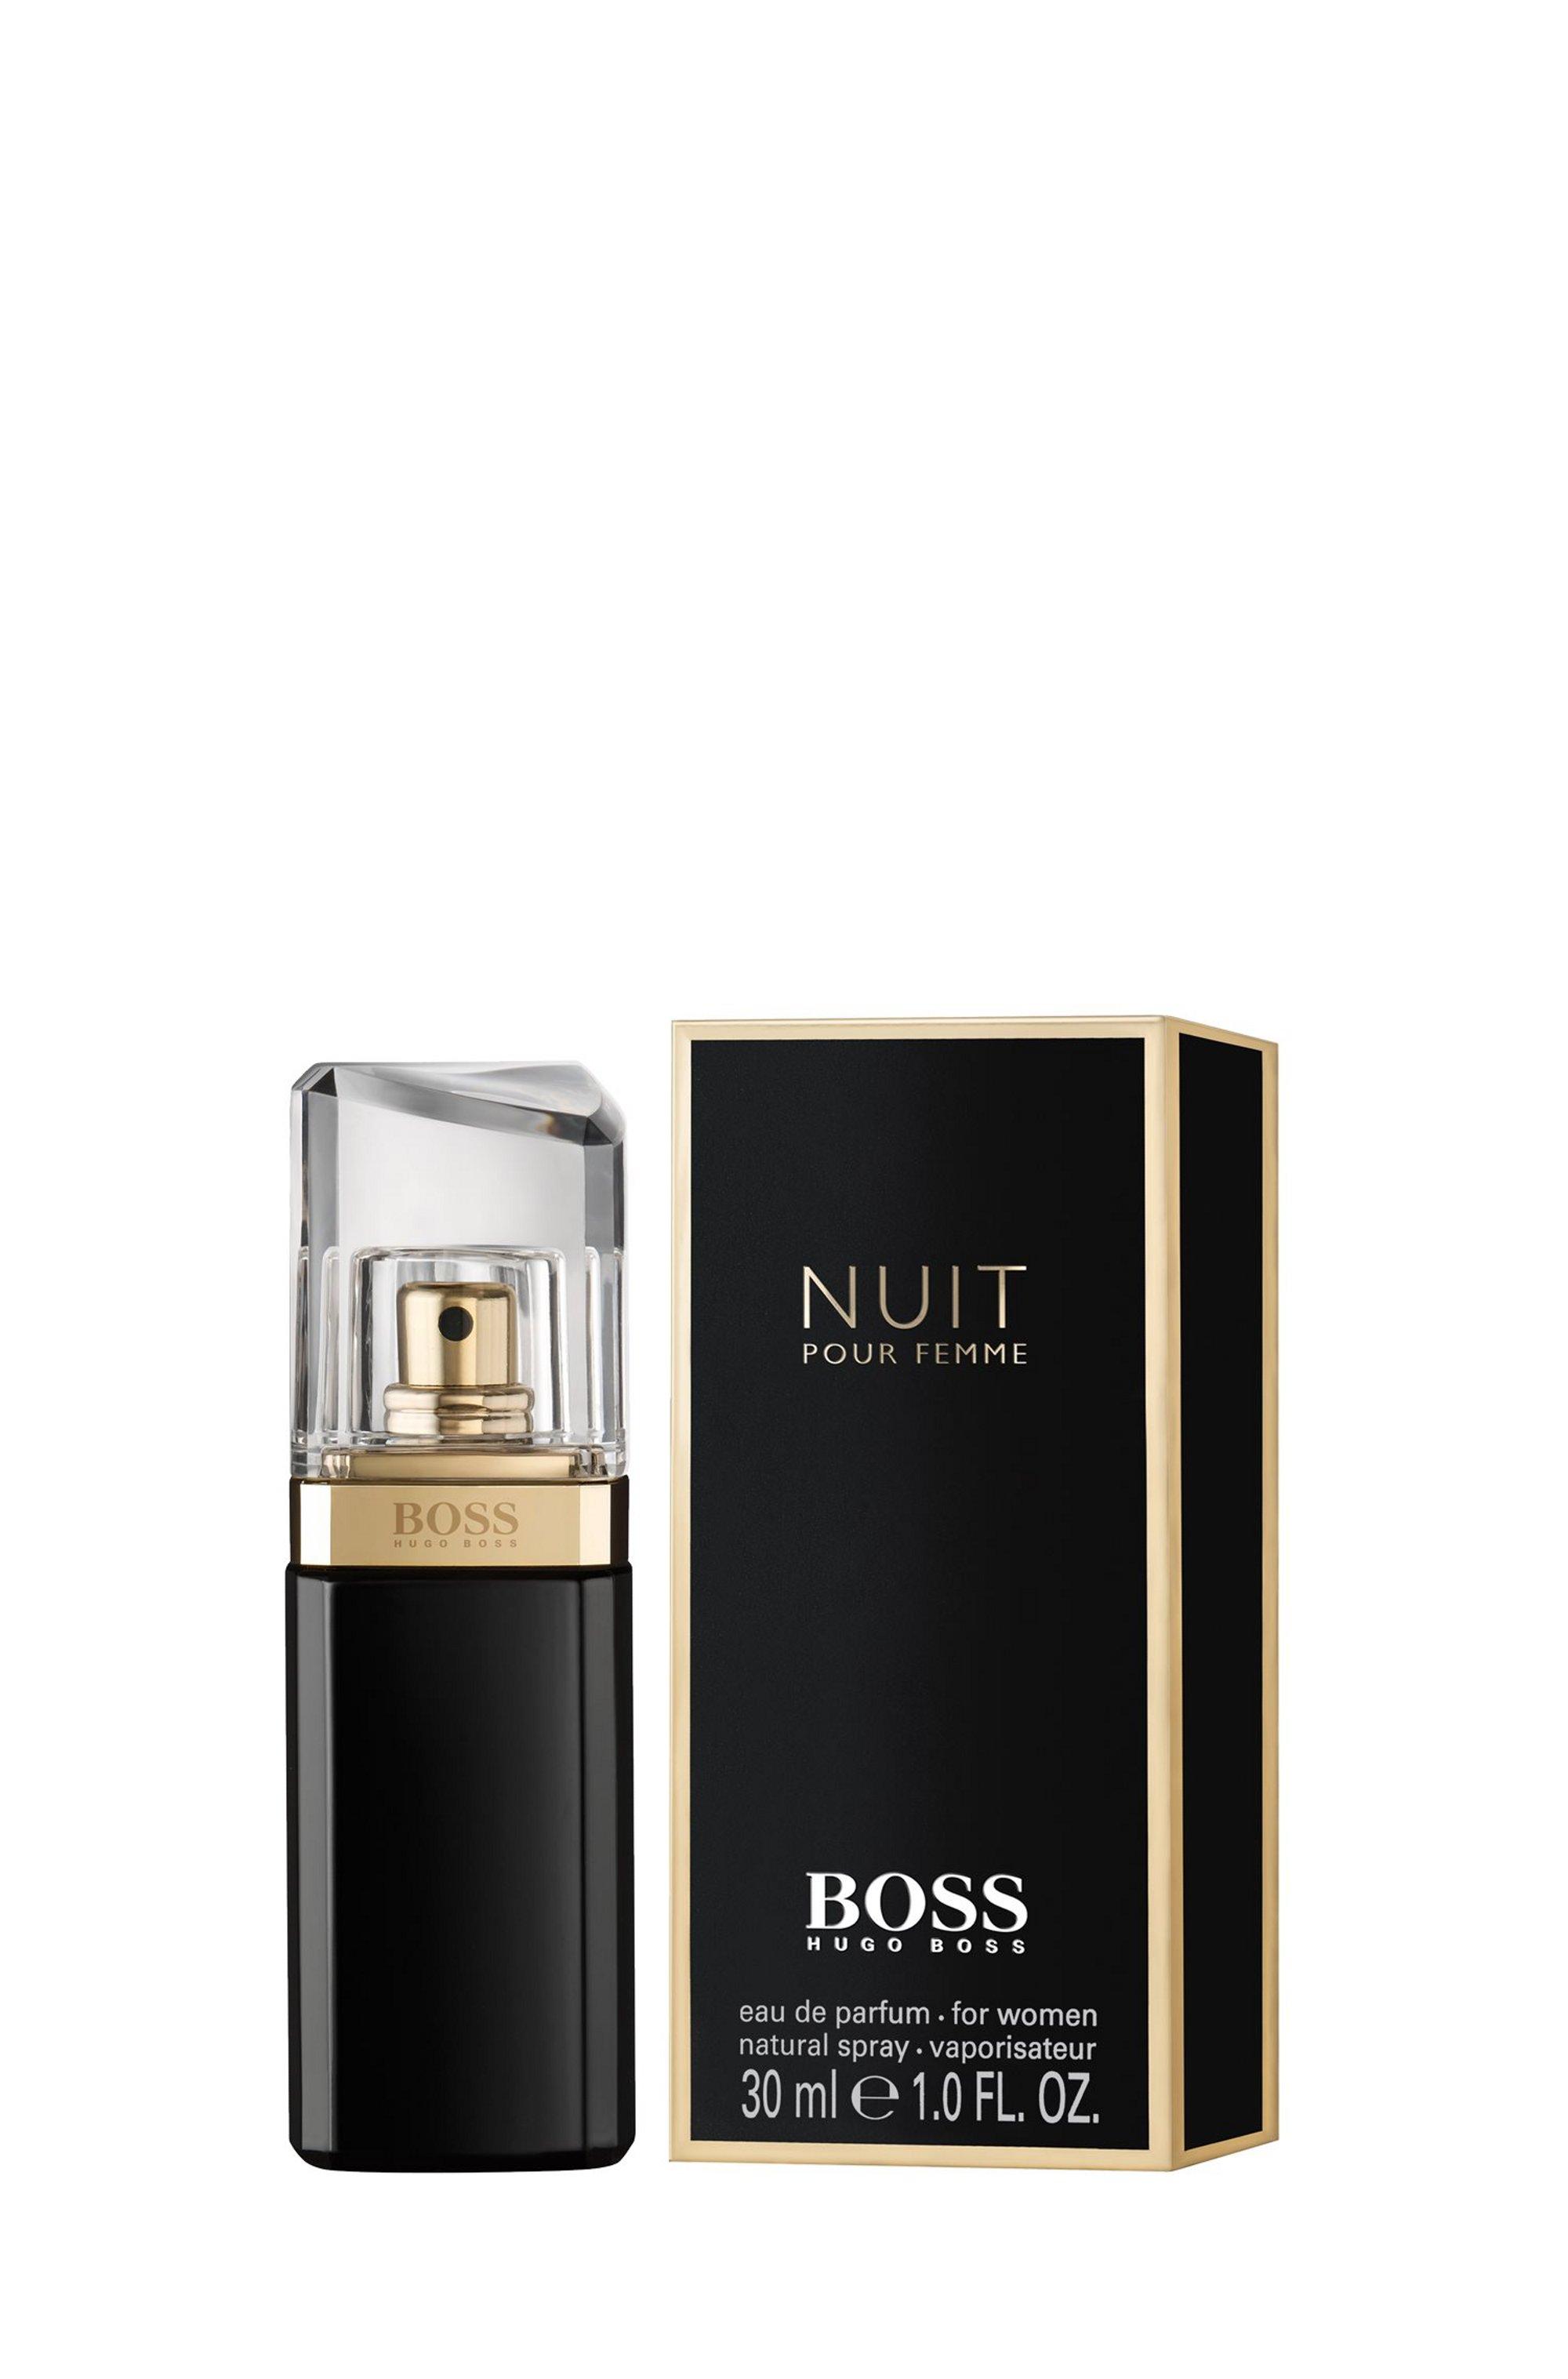 Eau de parfum BOSS Nuit 30ml